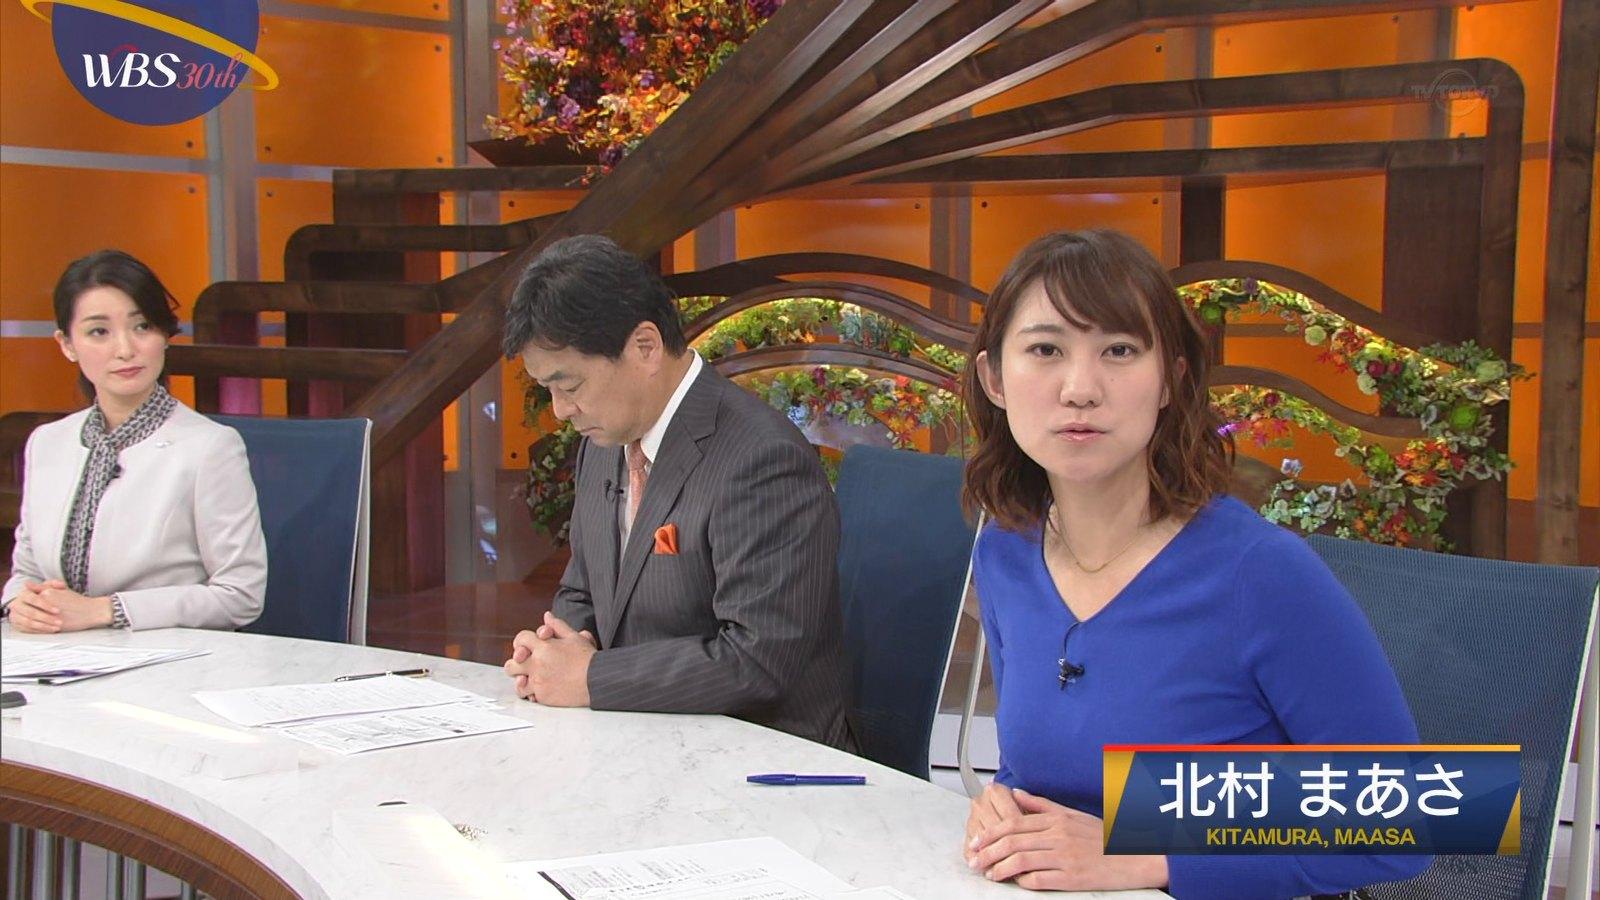 北村まあさ_女子アナ_着衣巨乳_テレビキャプ画像_04